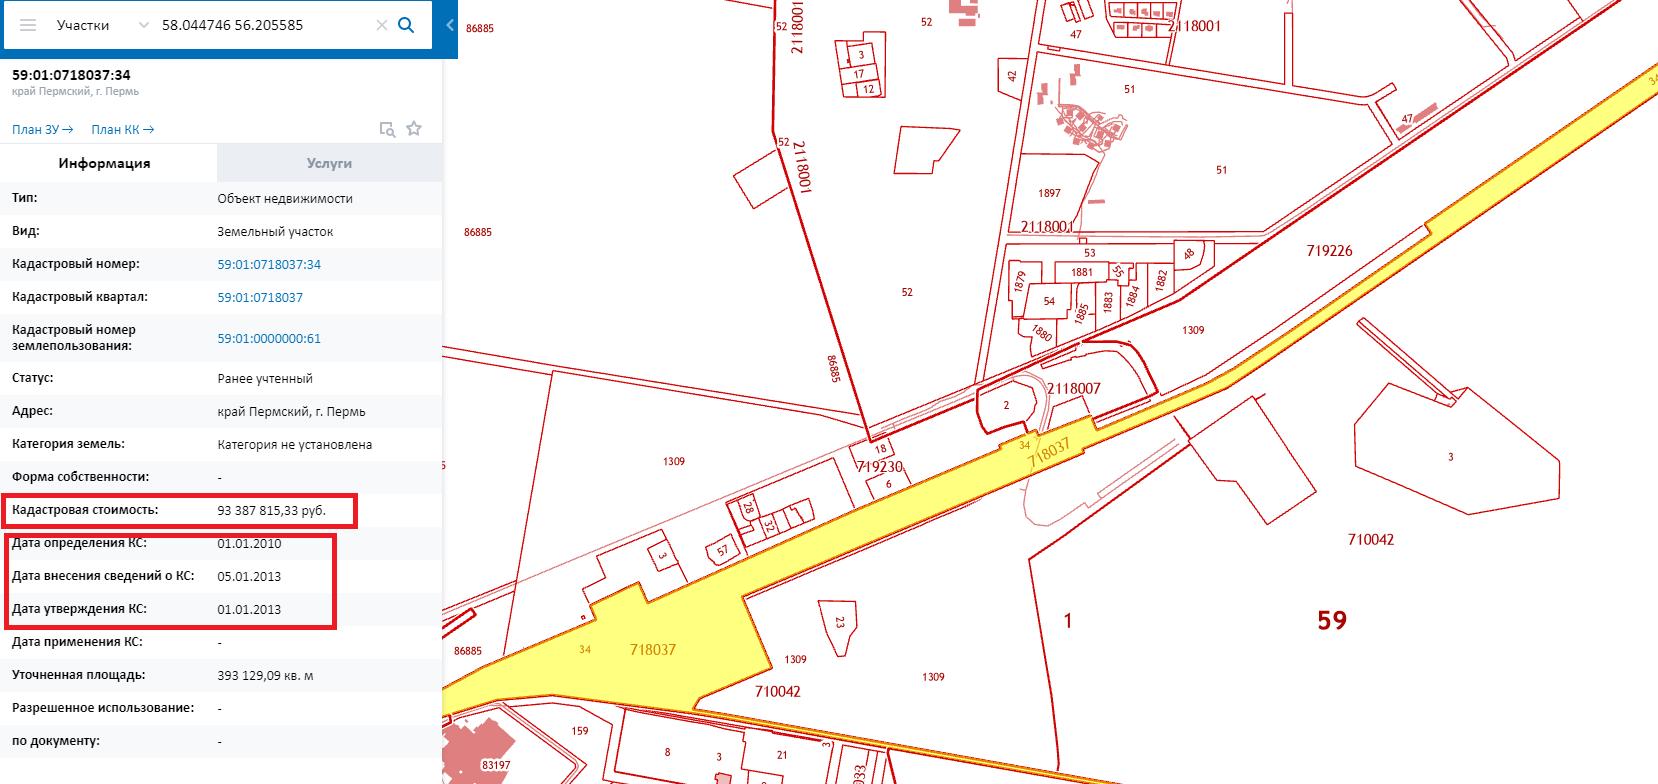 На Публичной кадастровой карте тоже можно узнать показатель кадастровой стоимости. Для этого объект можно выбрать прямо на карте.